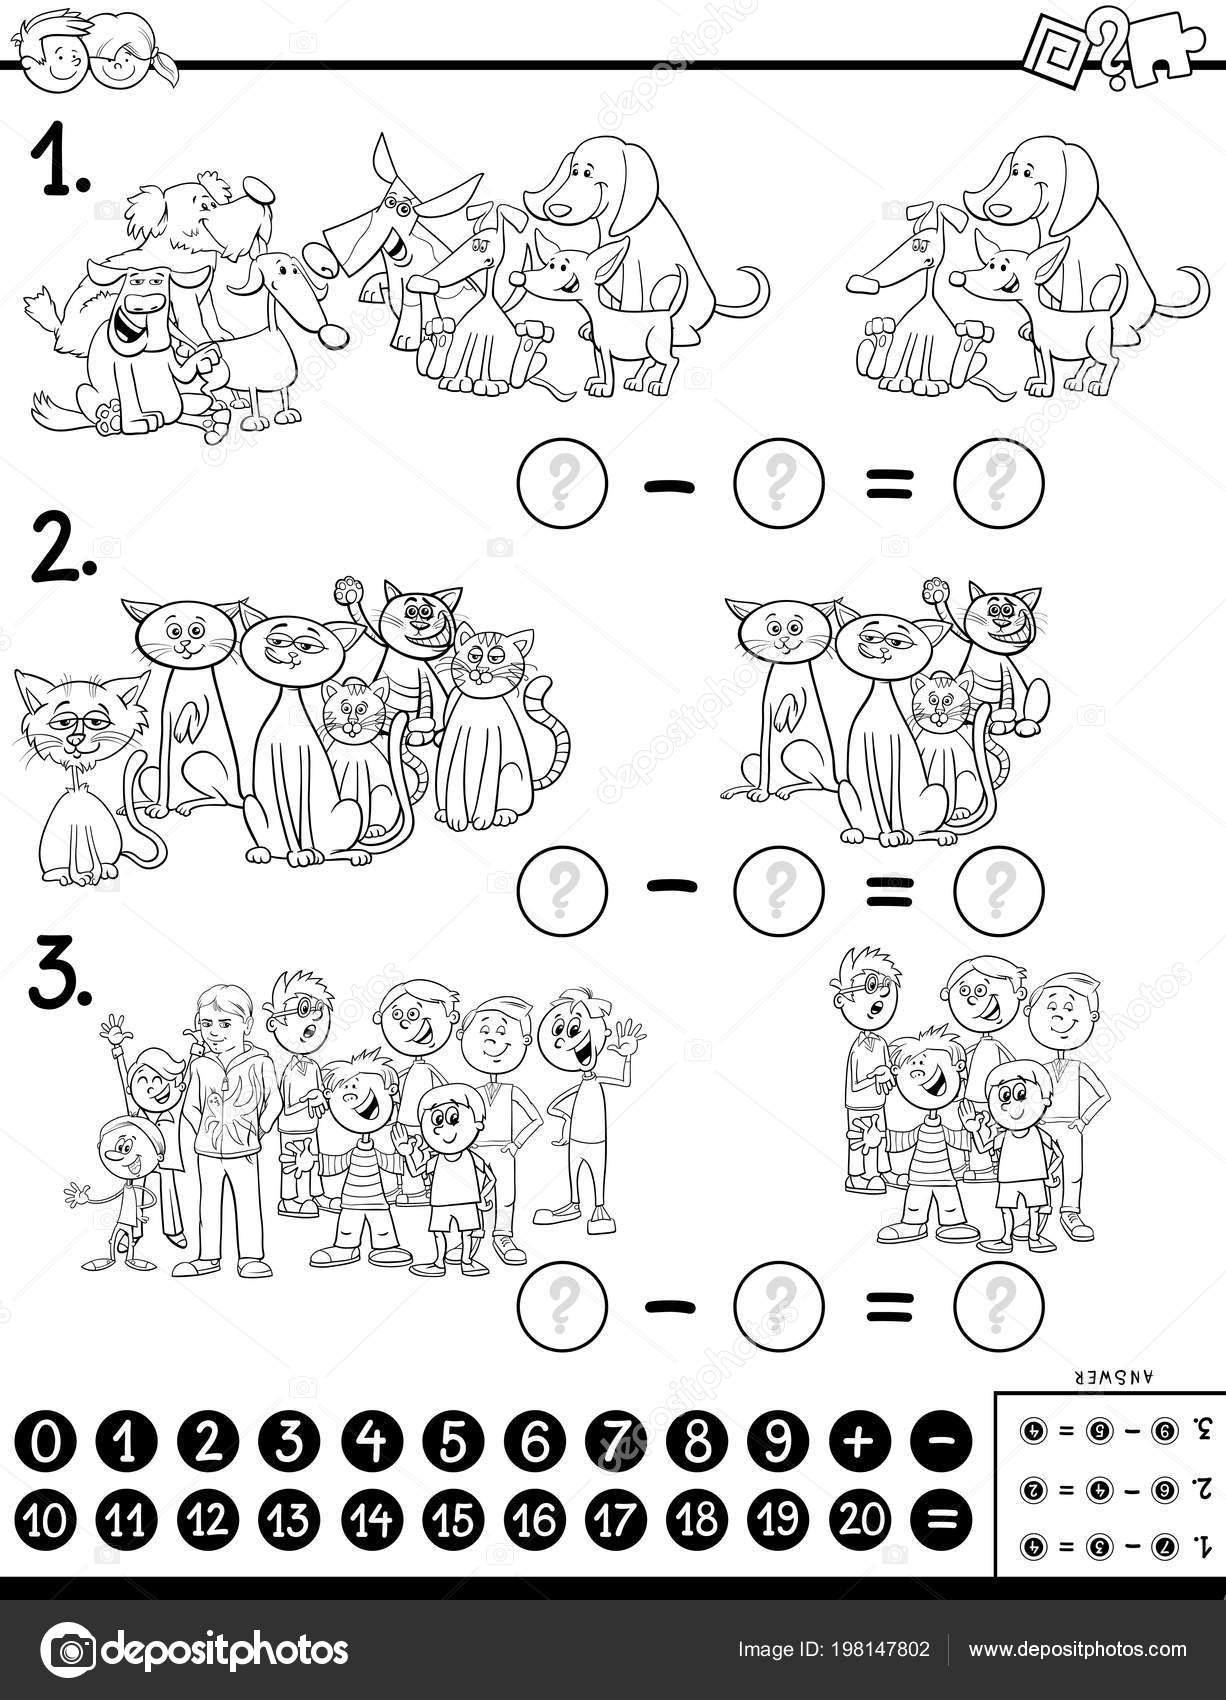 Ilustración Dibujos Animados Blanco Negro Juego Resta Matemática